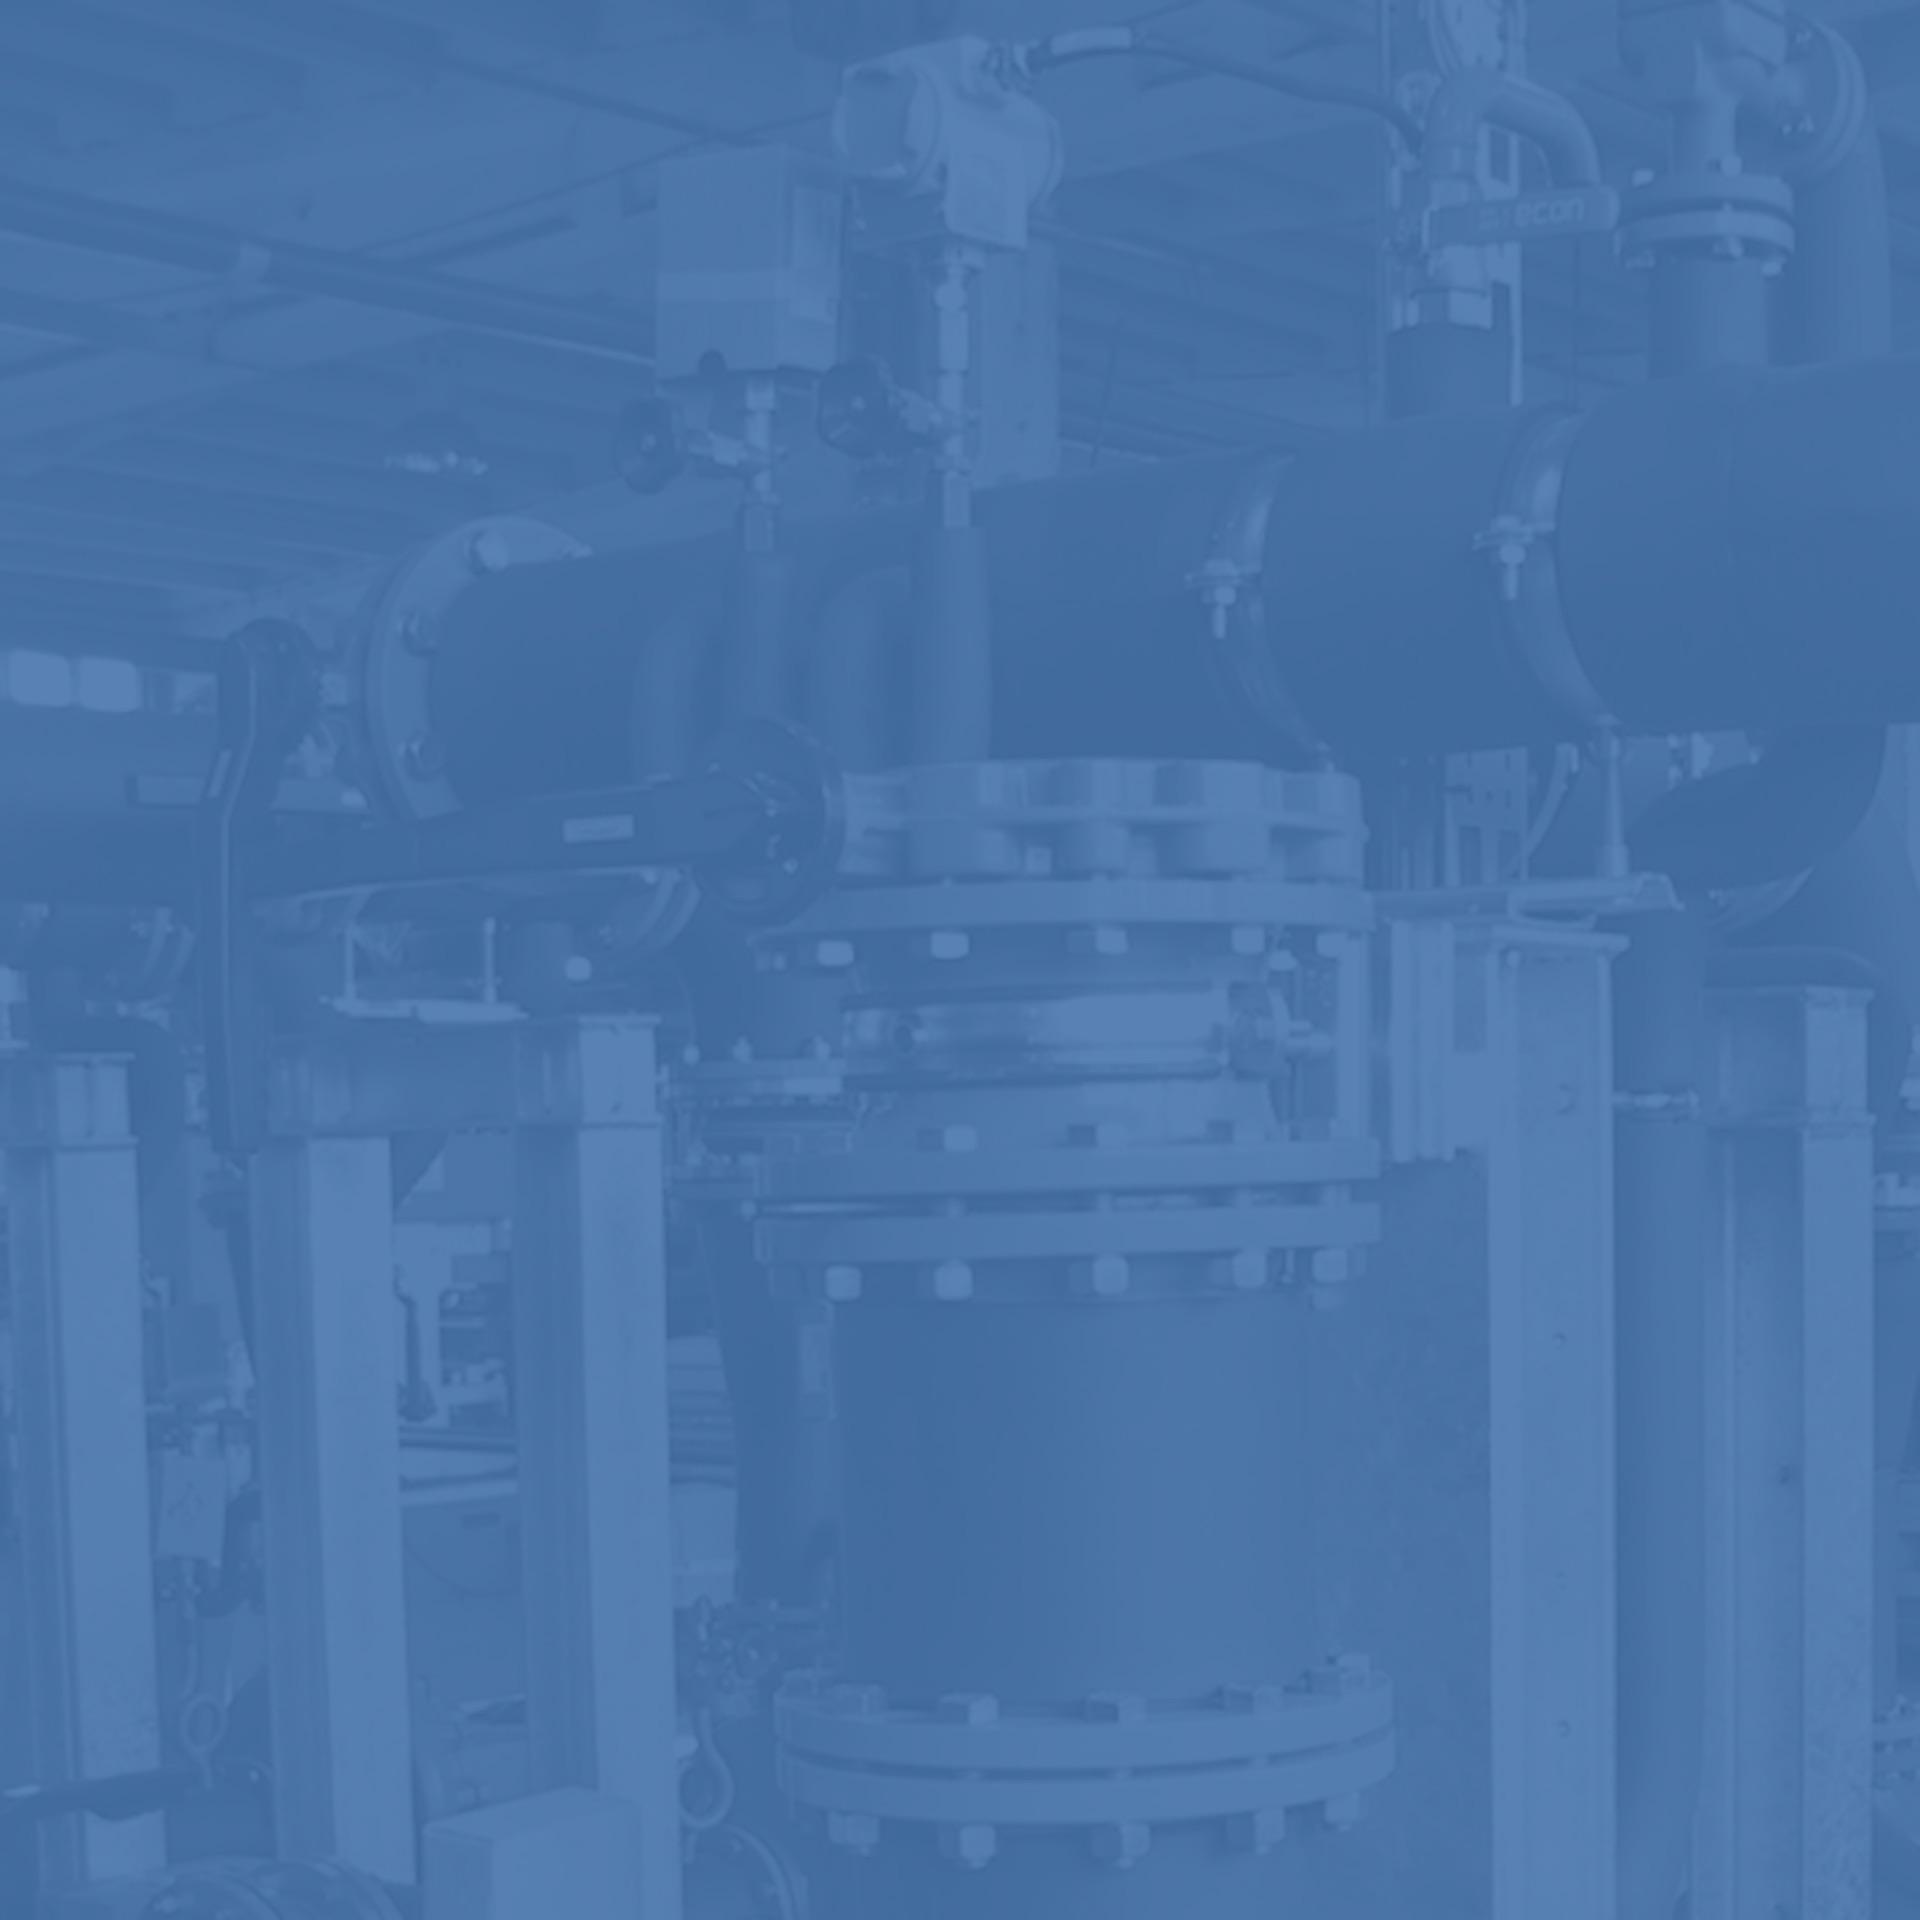 GWA_cooling_systems_technology_pump_skid_pump_group_2_Gesellschaft_fuer_Waerme_und_Anlagentechnik_mbH_monochrom